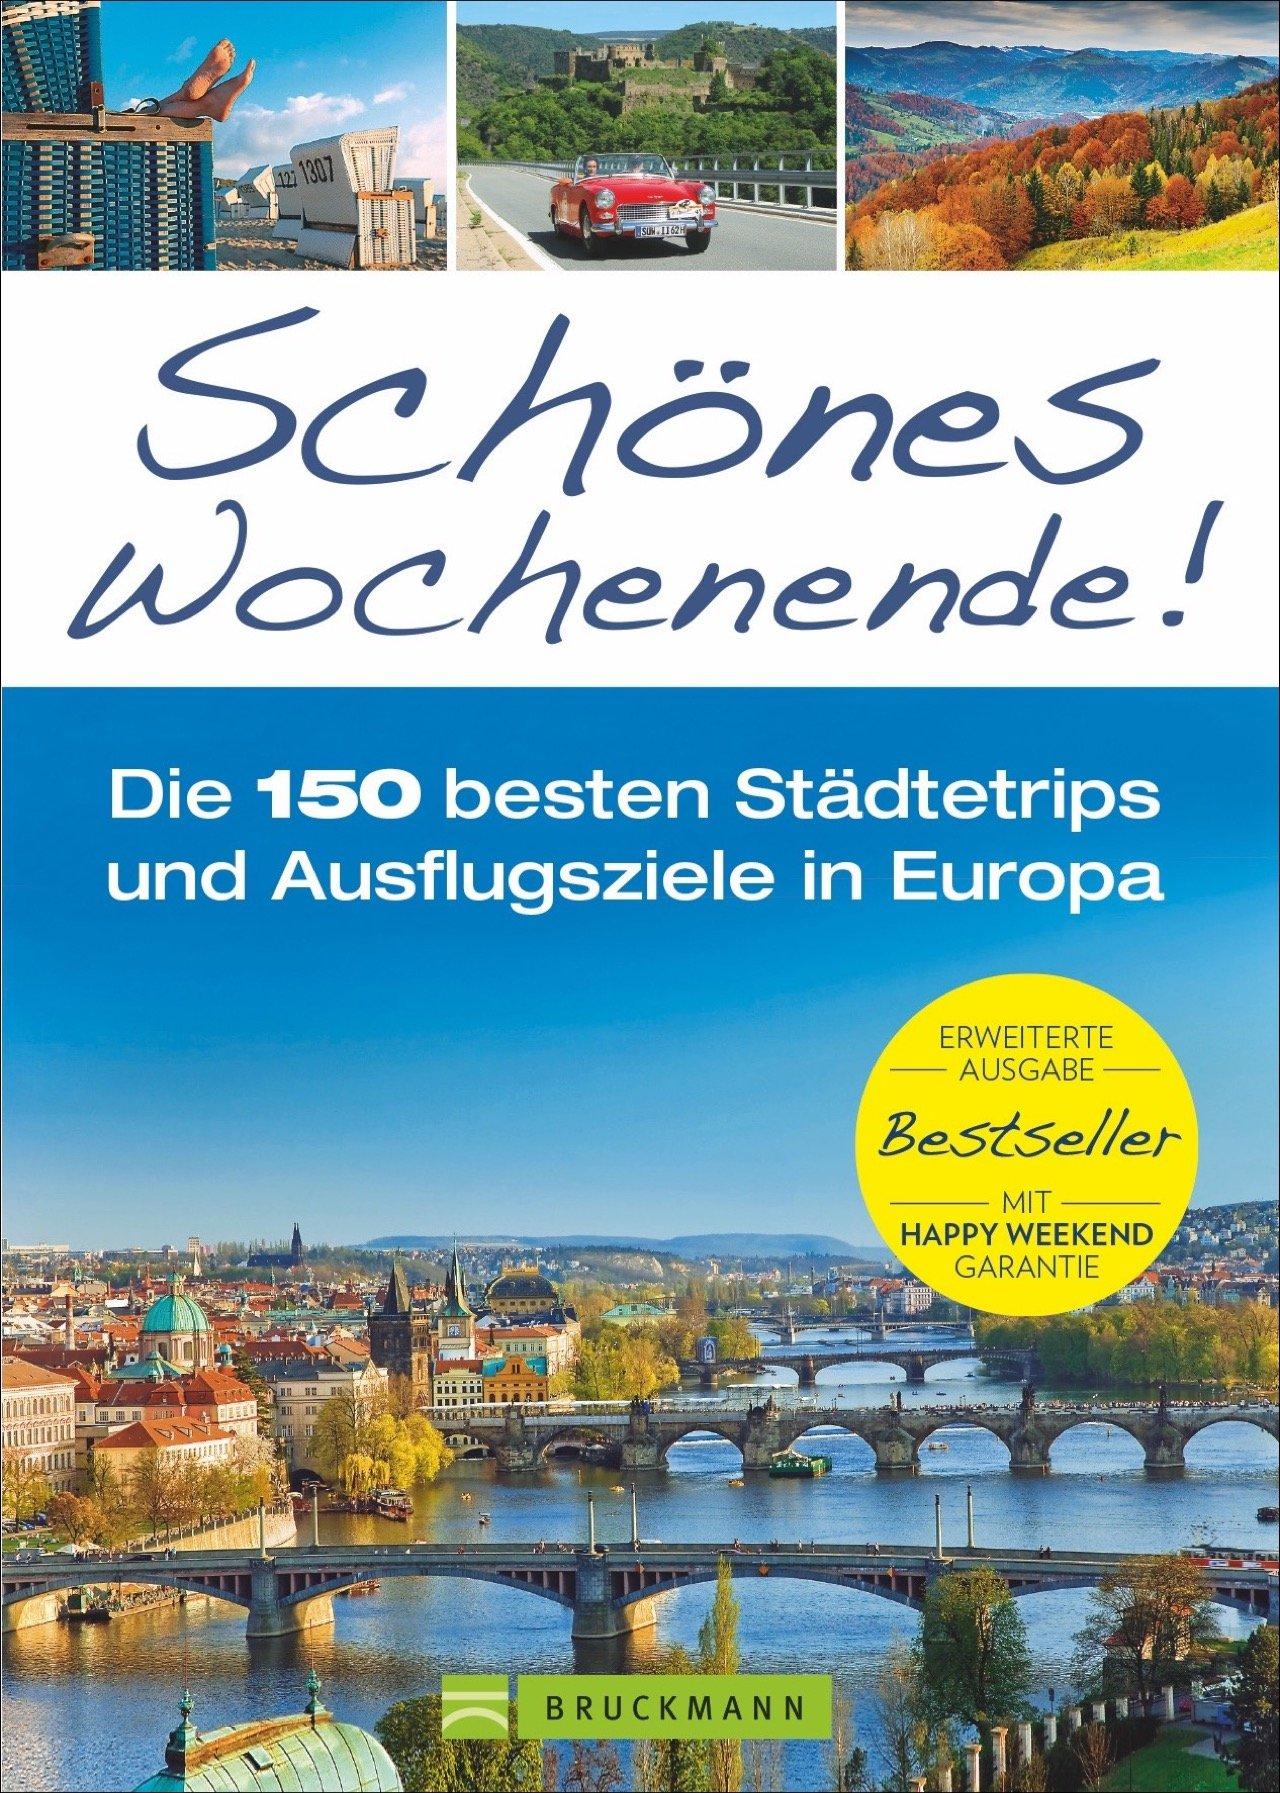 reisefhrer-europa-schnes-wochenende-die-100-besten-stdtetrips-und-ausflugsziele-in-europa-erweiterte-ausgabe-des-bestseller-neu-2018